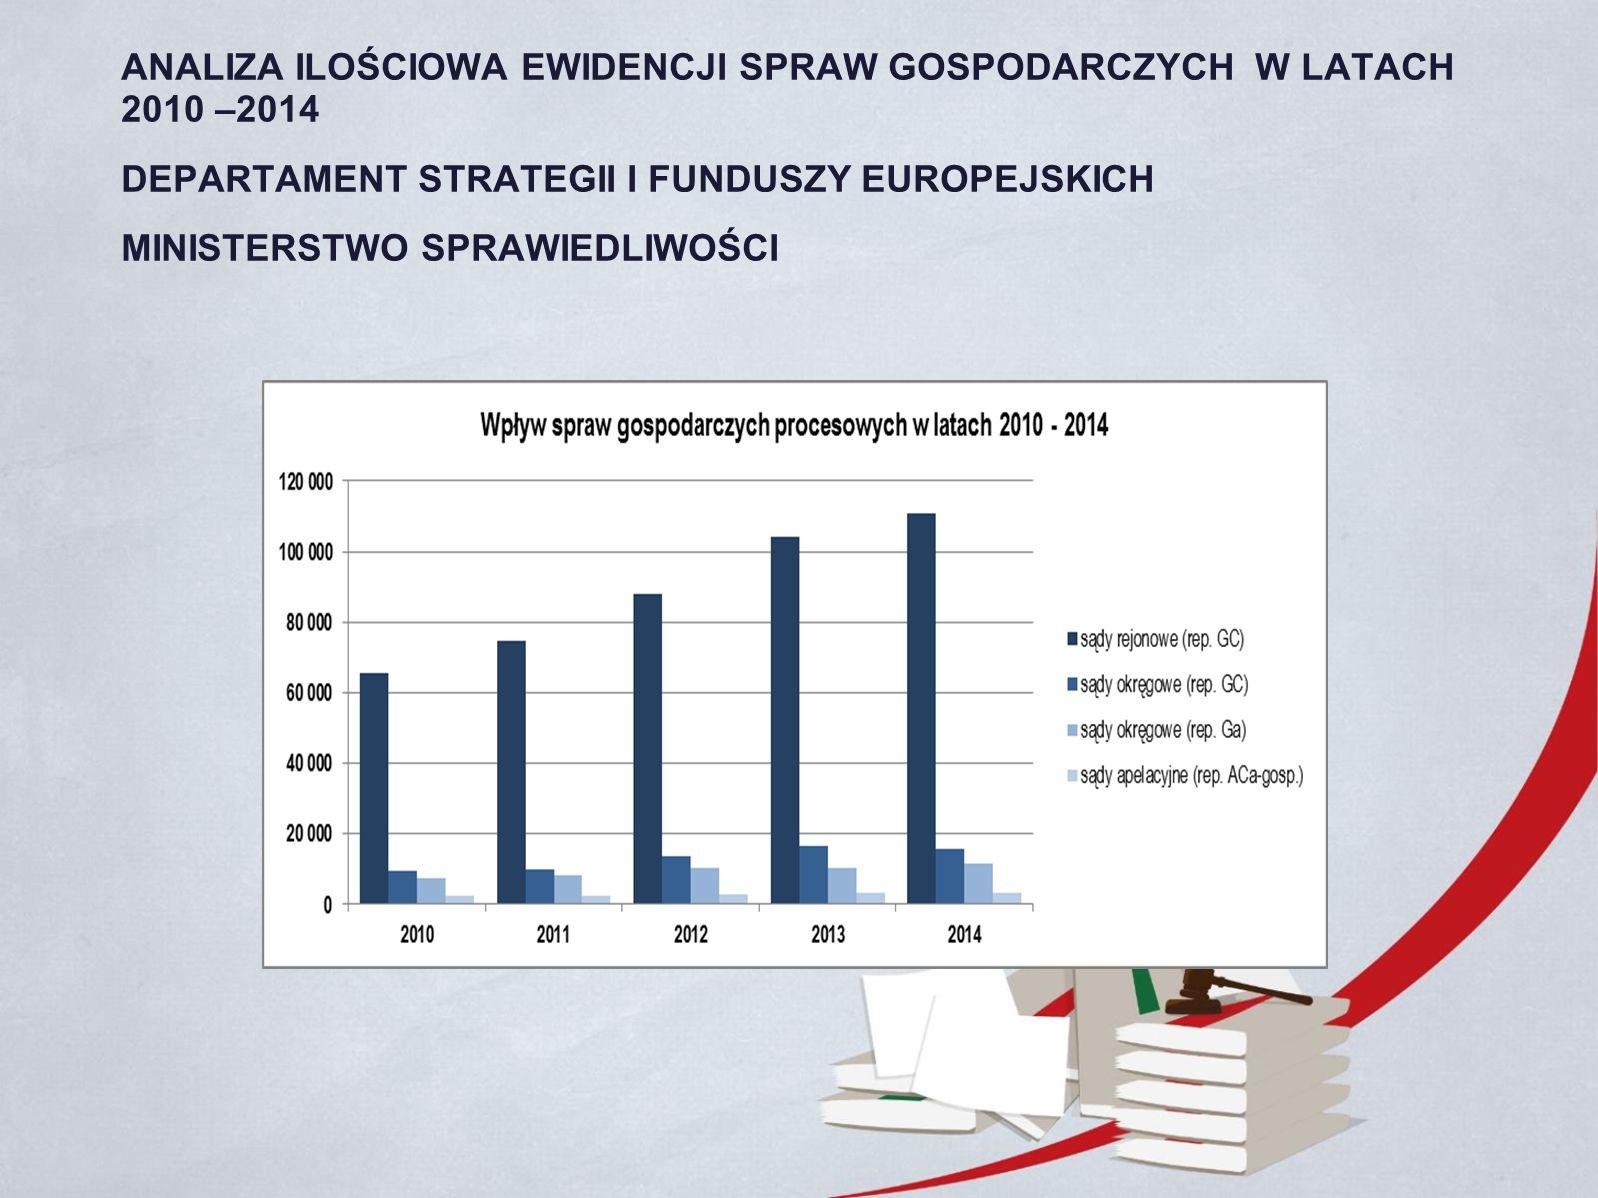 ANALIZA ILOŚCIOWA EWIDENCJI SPRAW GOSPODARCZYCH W LATACH 2010 –2014 DEPARTAMENT STRATEGII I FUNDUSZY EUROPEJSKICH MINISTERSTWO SPRAWIEDLIWOŚCI